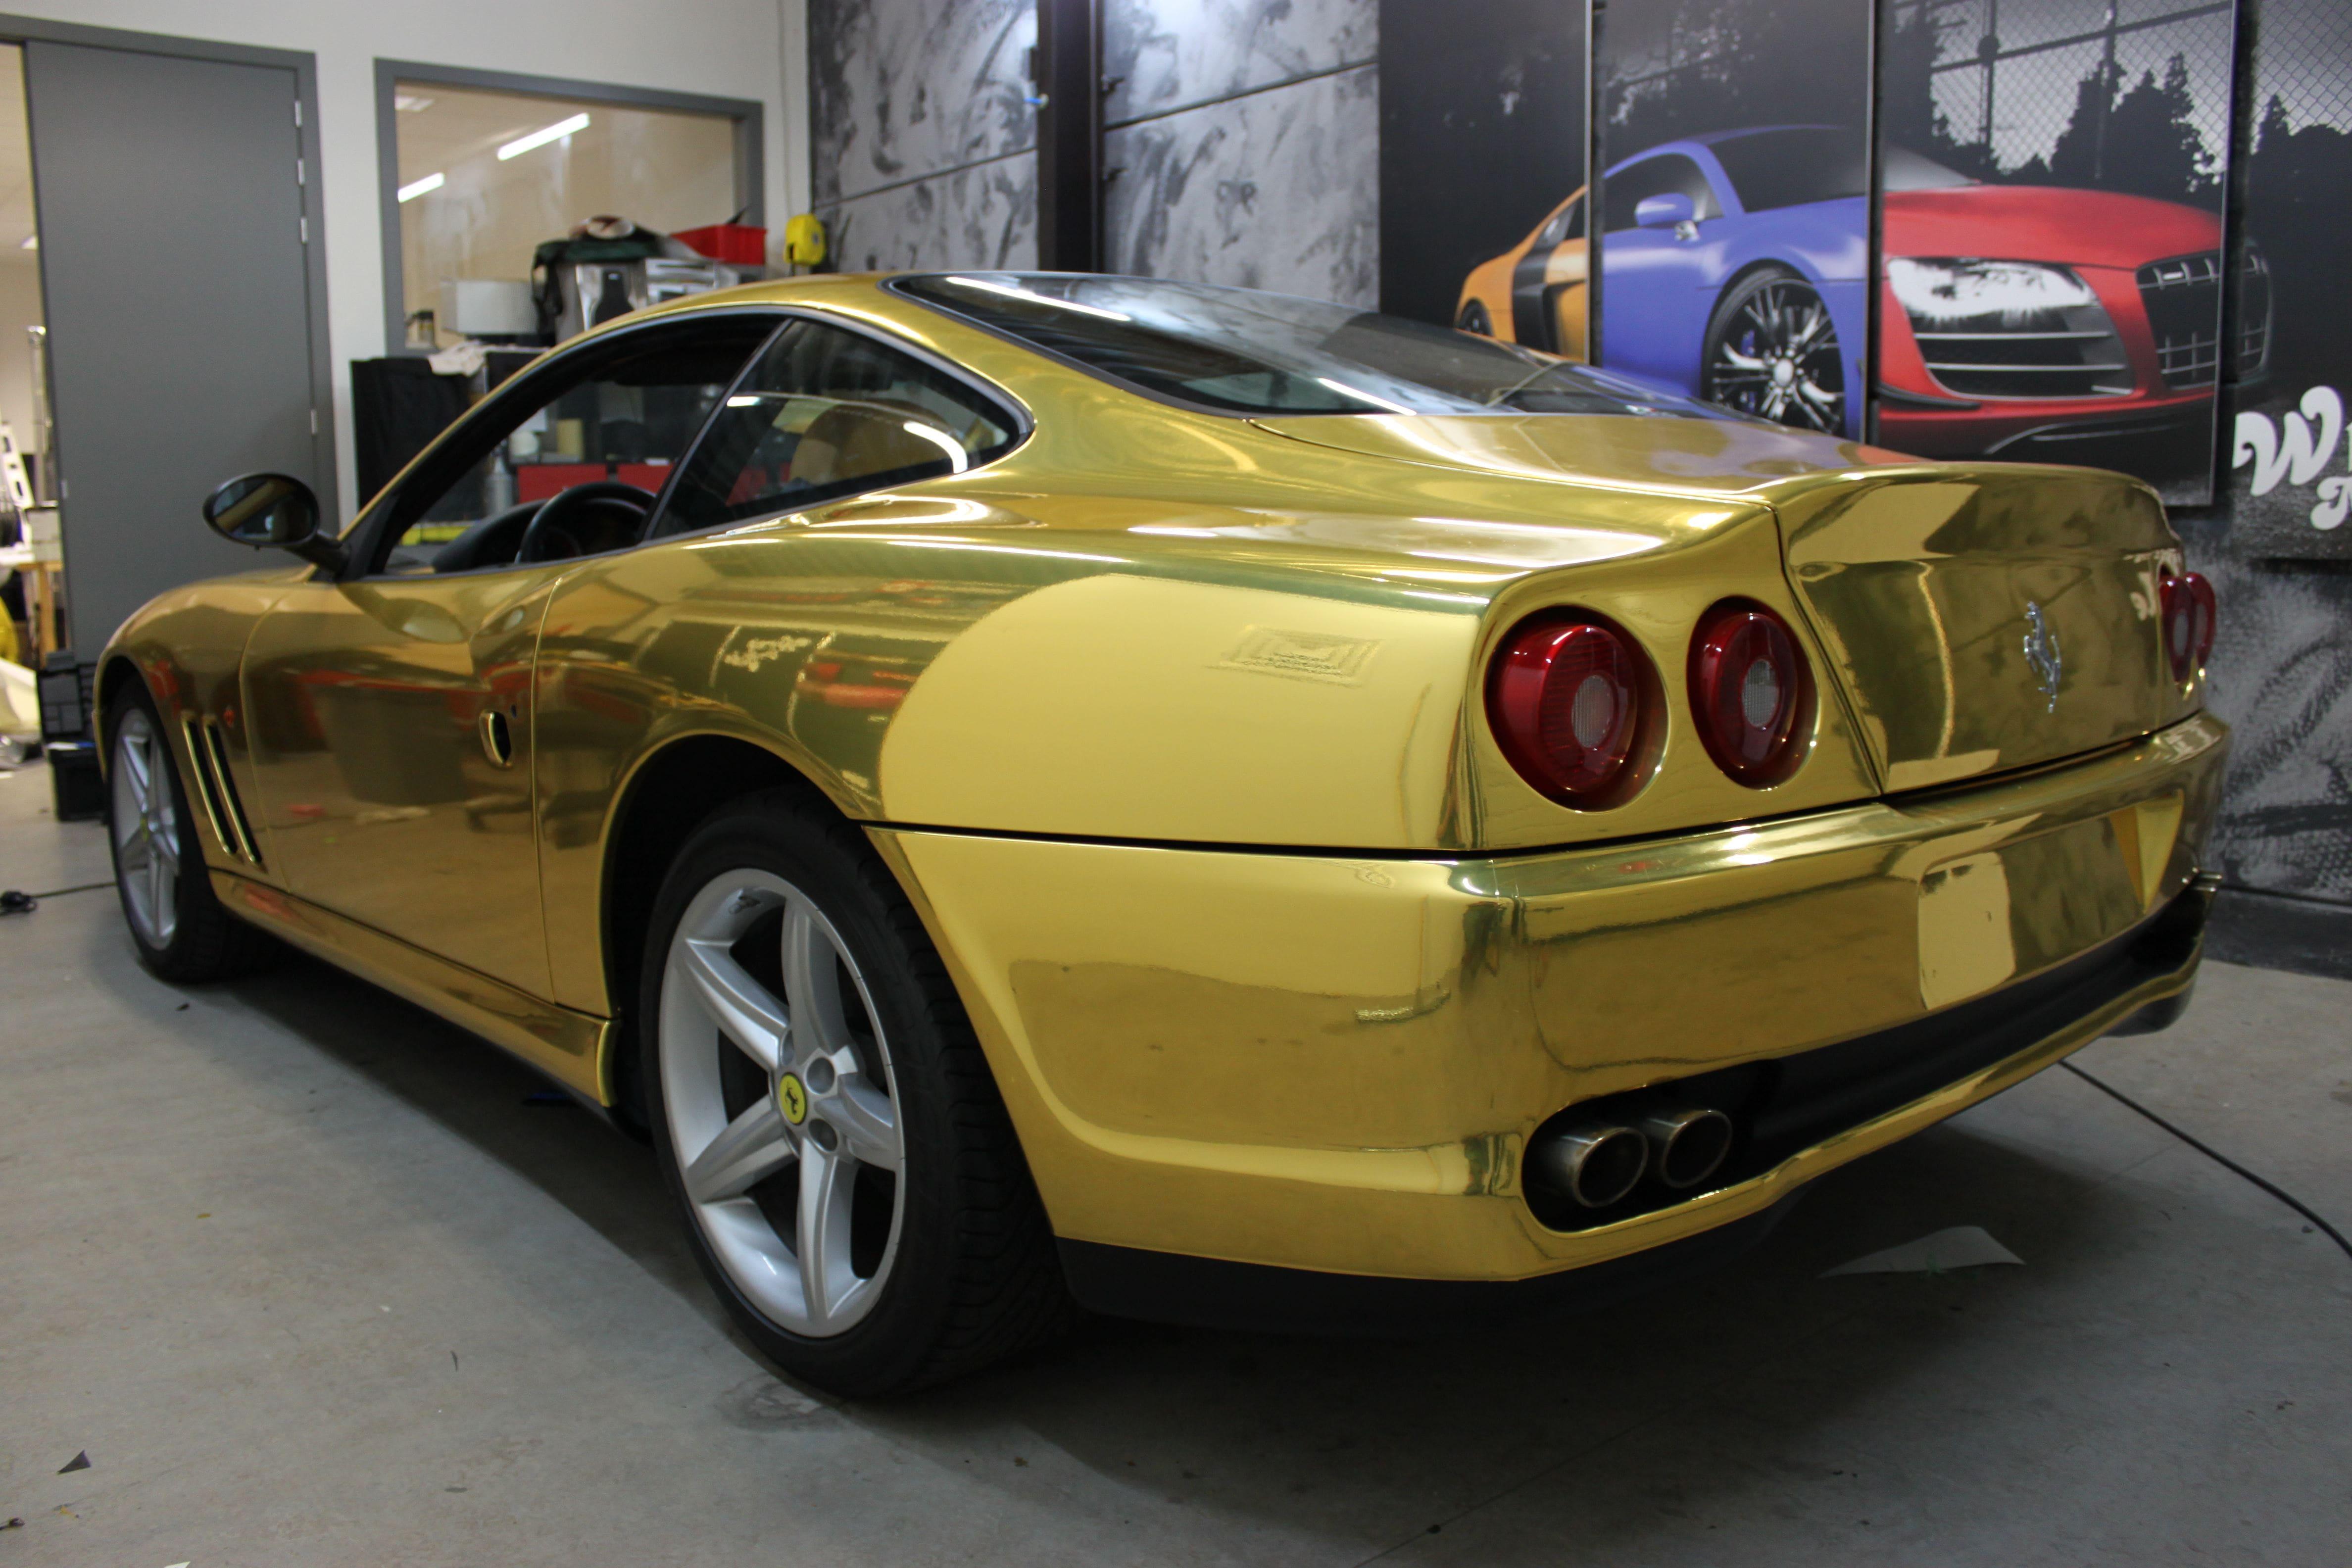 Ferrari 575 met Goud Chrome Wrap., Carwrapping door Wrapmyride.nu Foto-nr:5703, ©2021